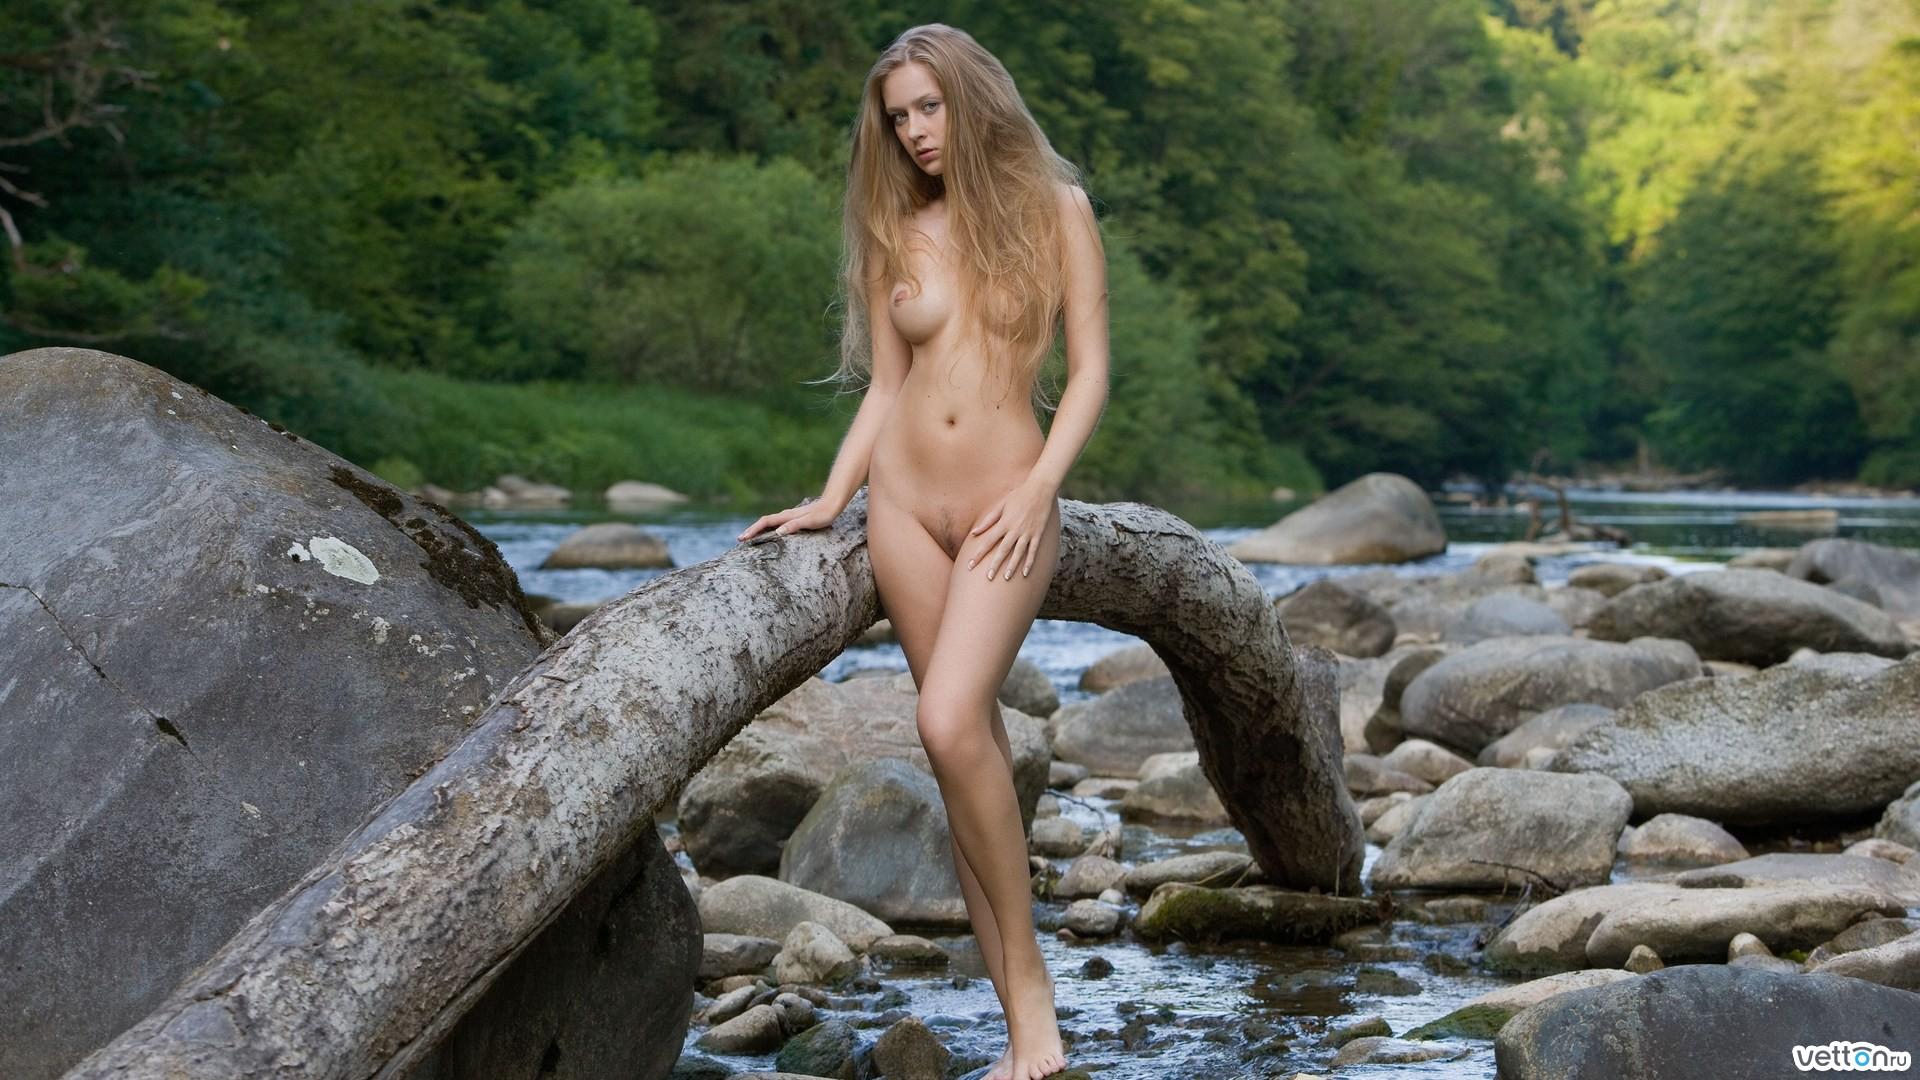 ann-angel-porno-model